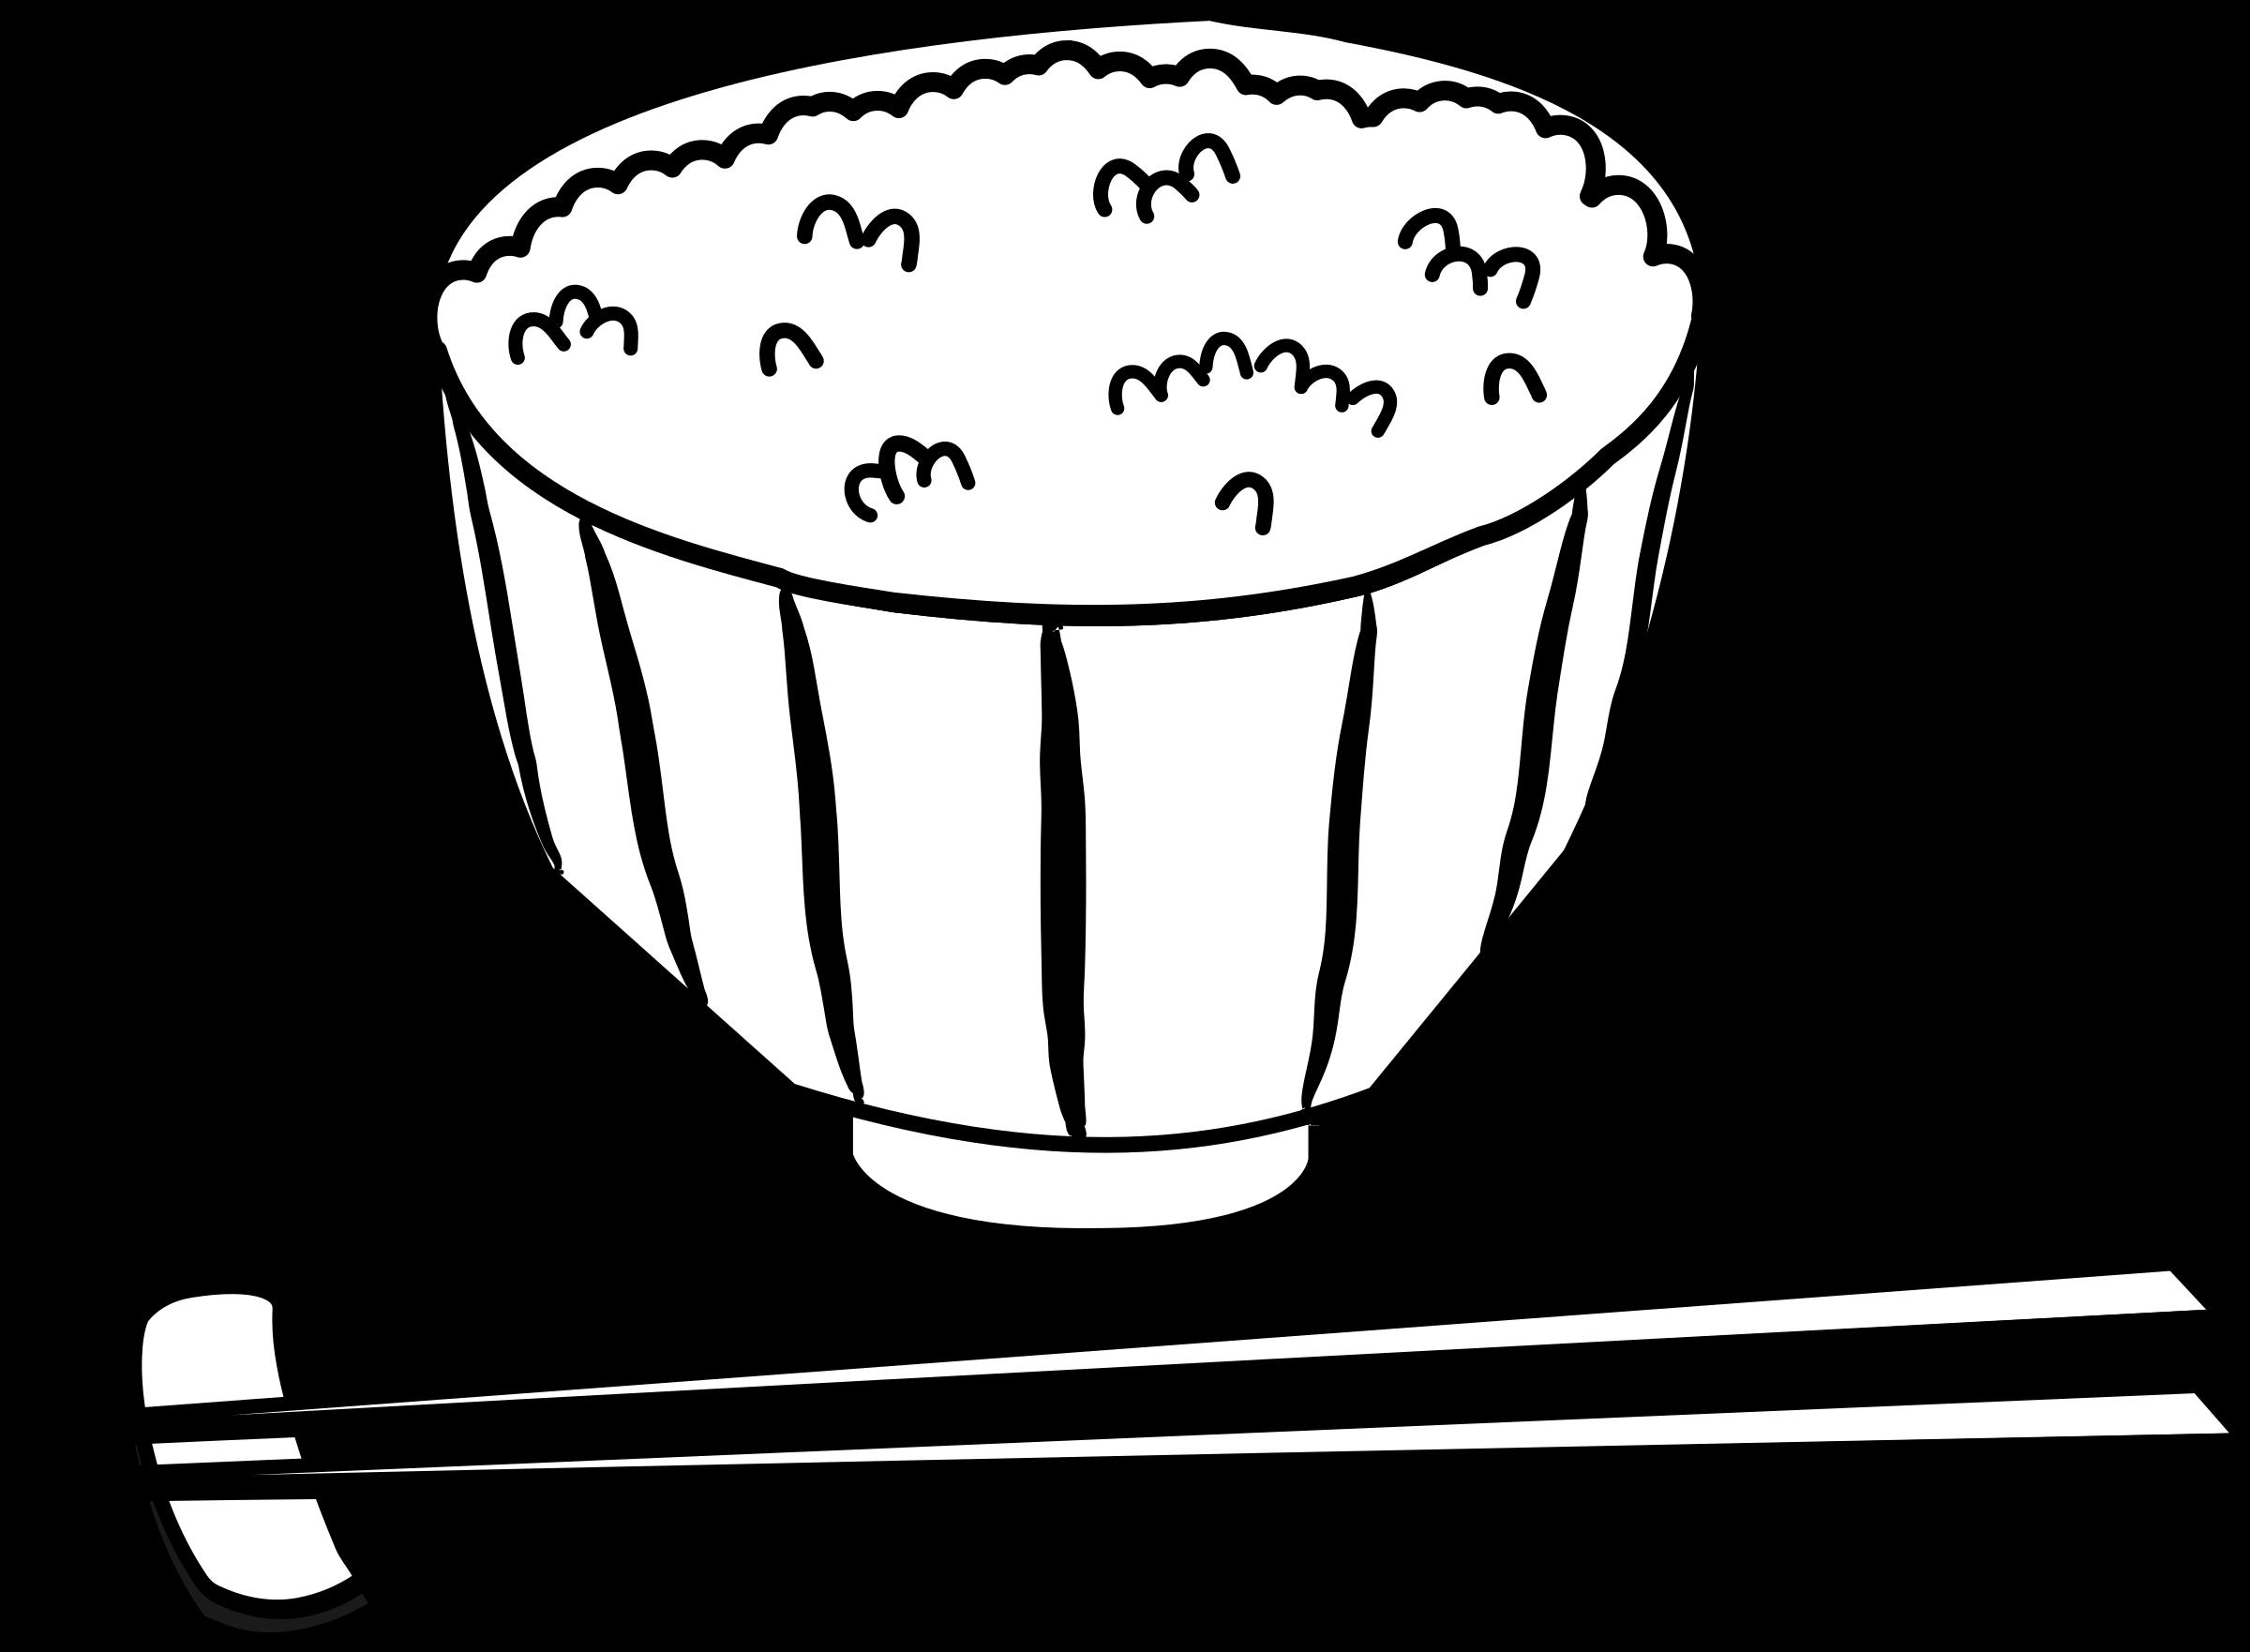 Rice bowl black white. Japanese clipart samurai japanese